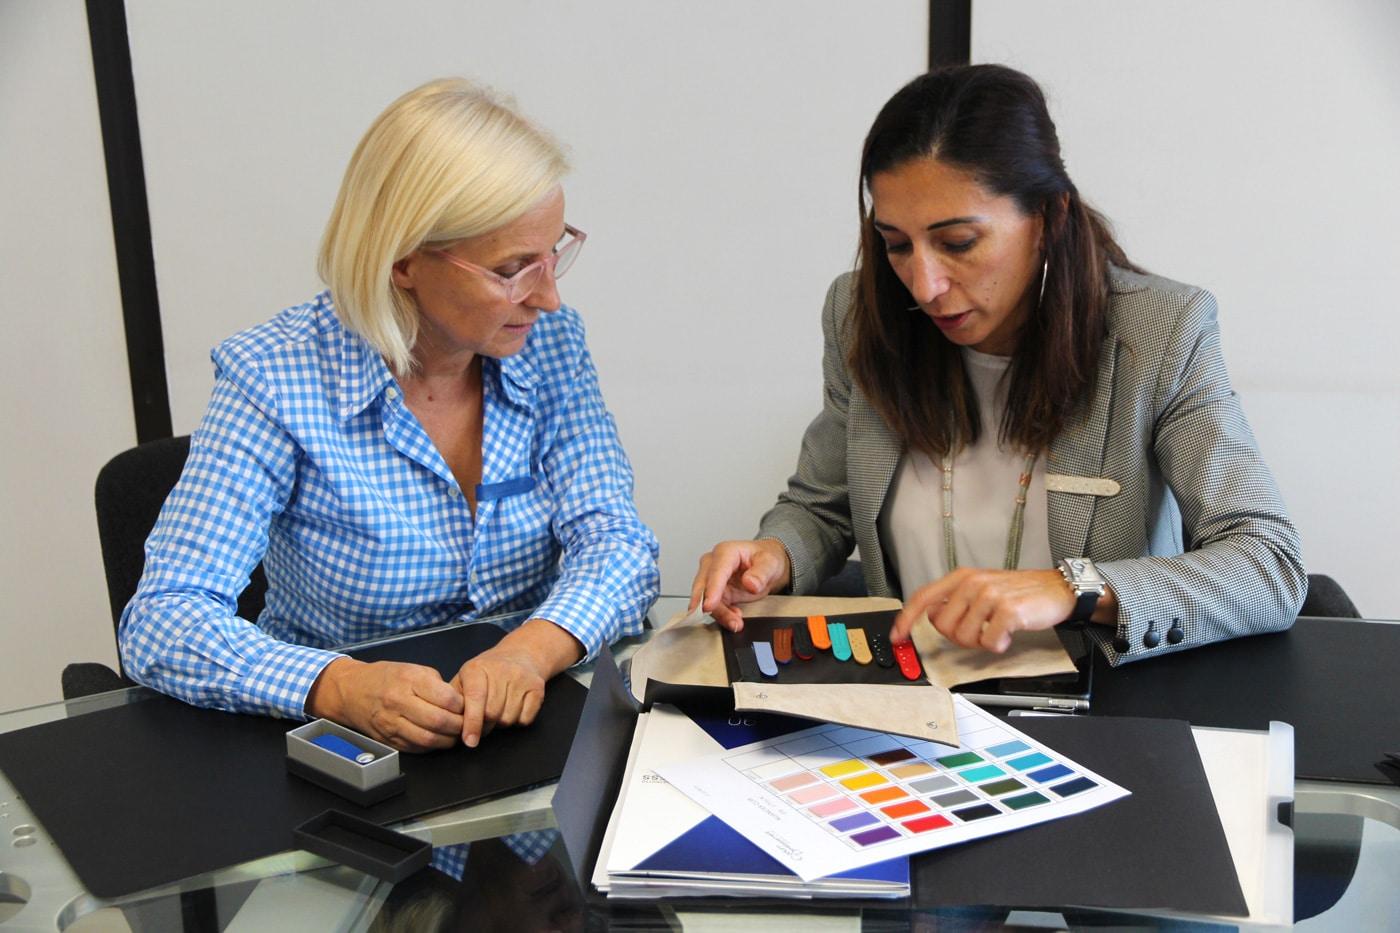 personnalisation des Aimodes professionnels avec intégration du logo de l'entreprise